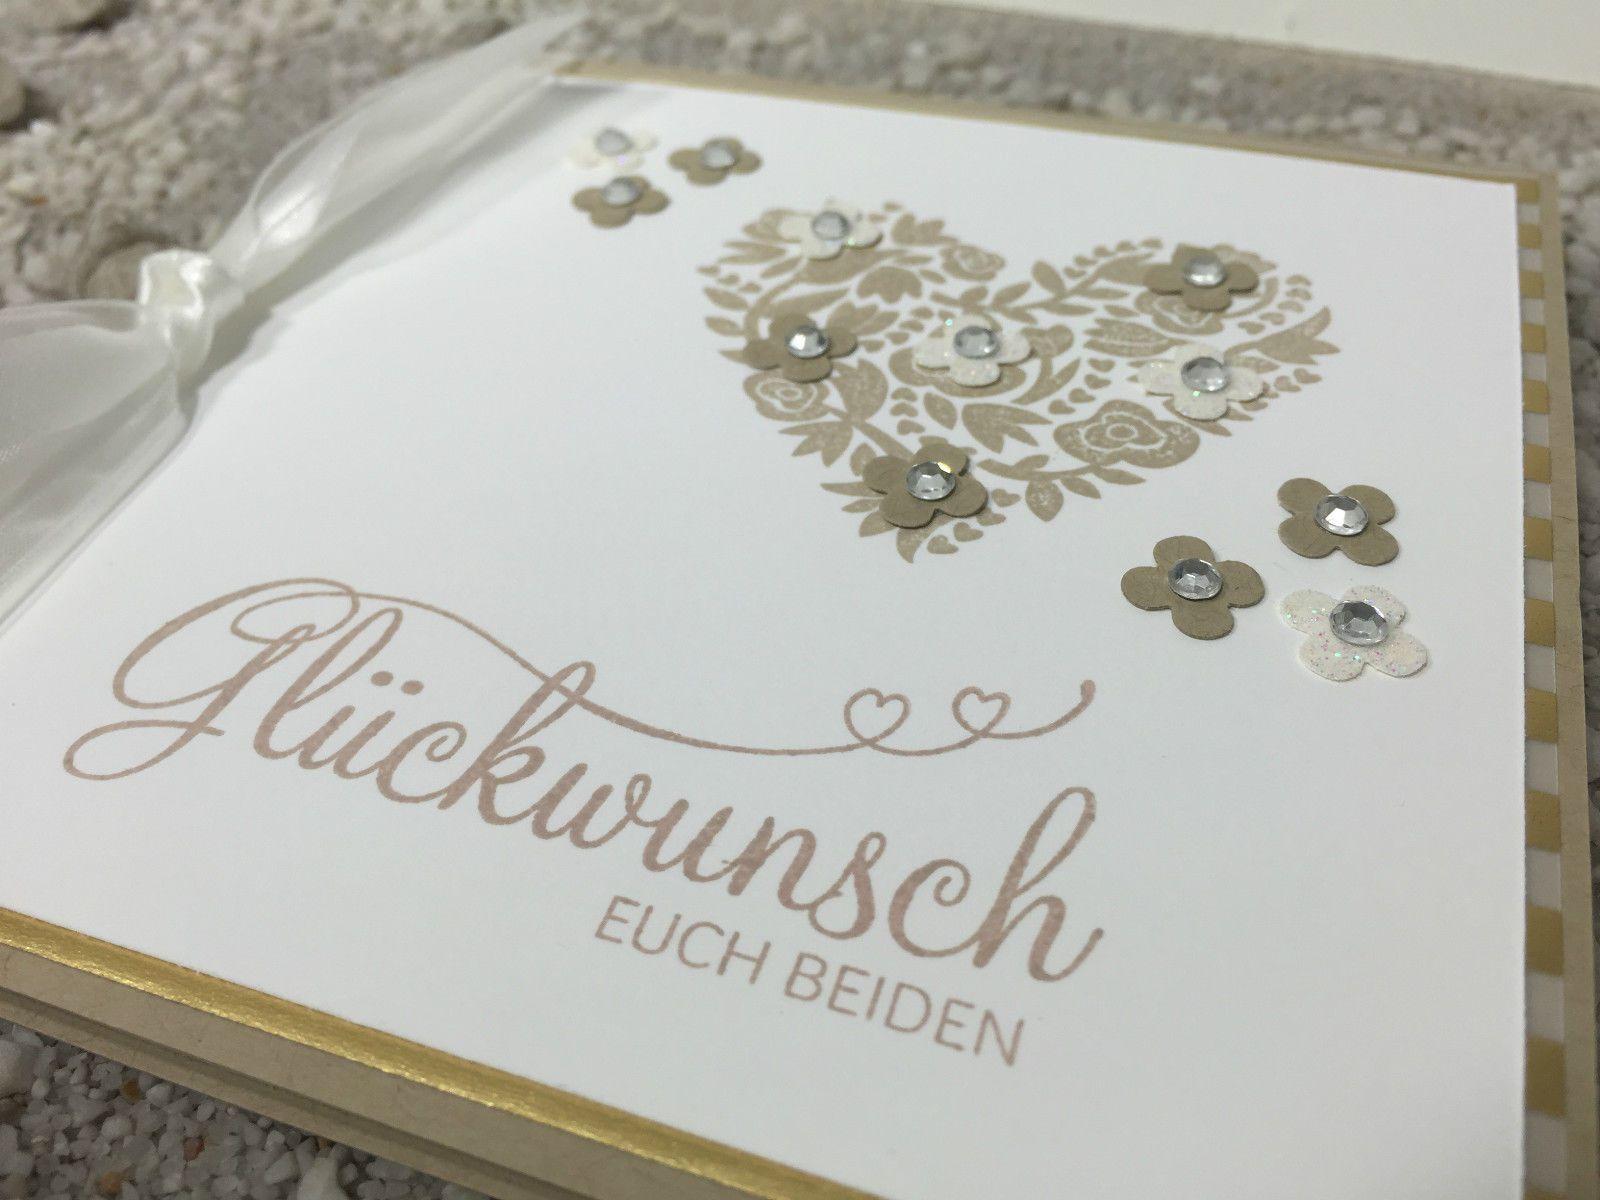 Handgefertigte 3d Gluckwunschkarte Zur Hochzeit Herz Gold Beige Stampin Up In Mobel Wohnen Hobby Gluckwunschkarte Hochzeit Karte Hochzeit Hochzeitskarten